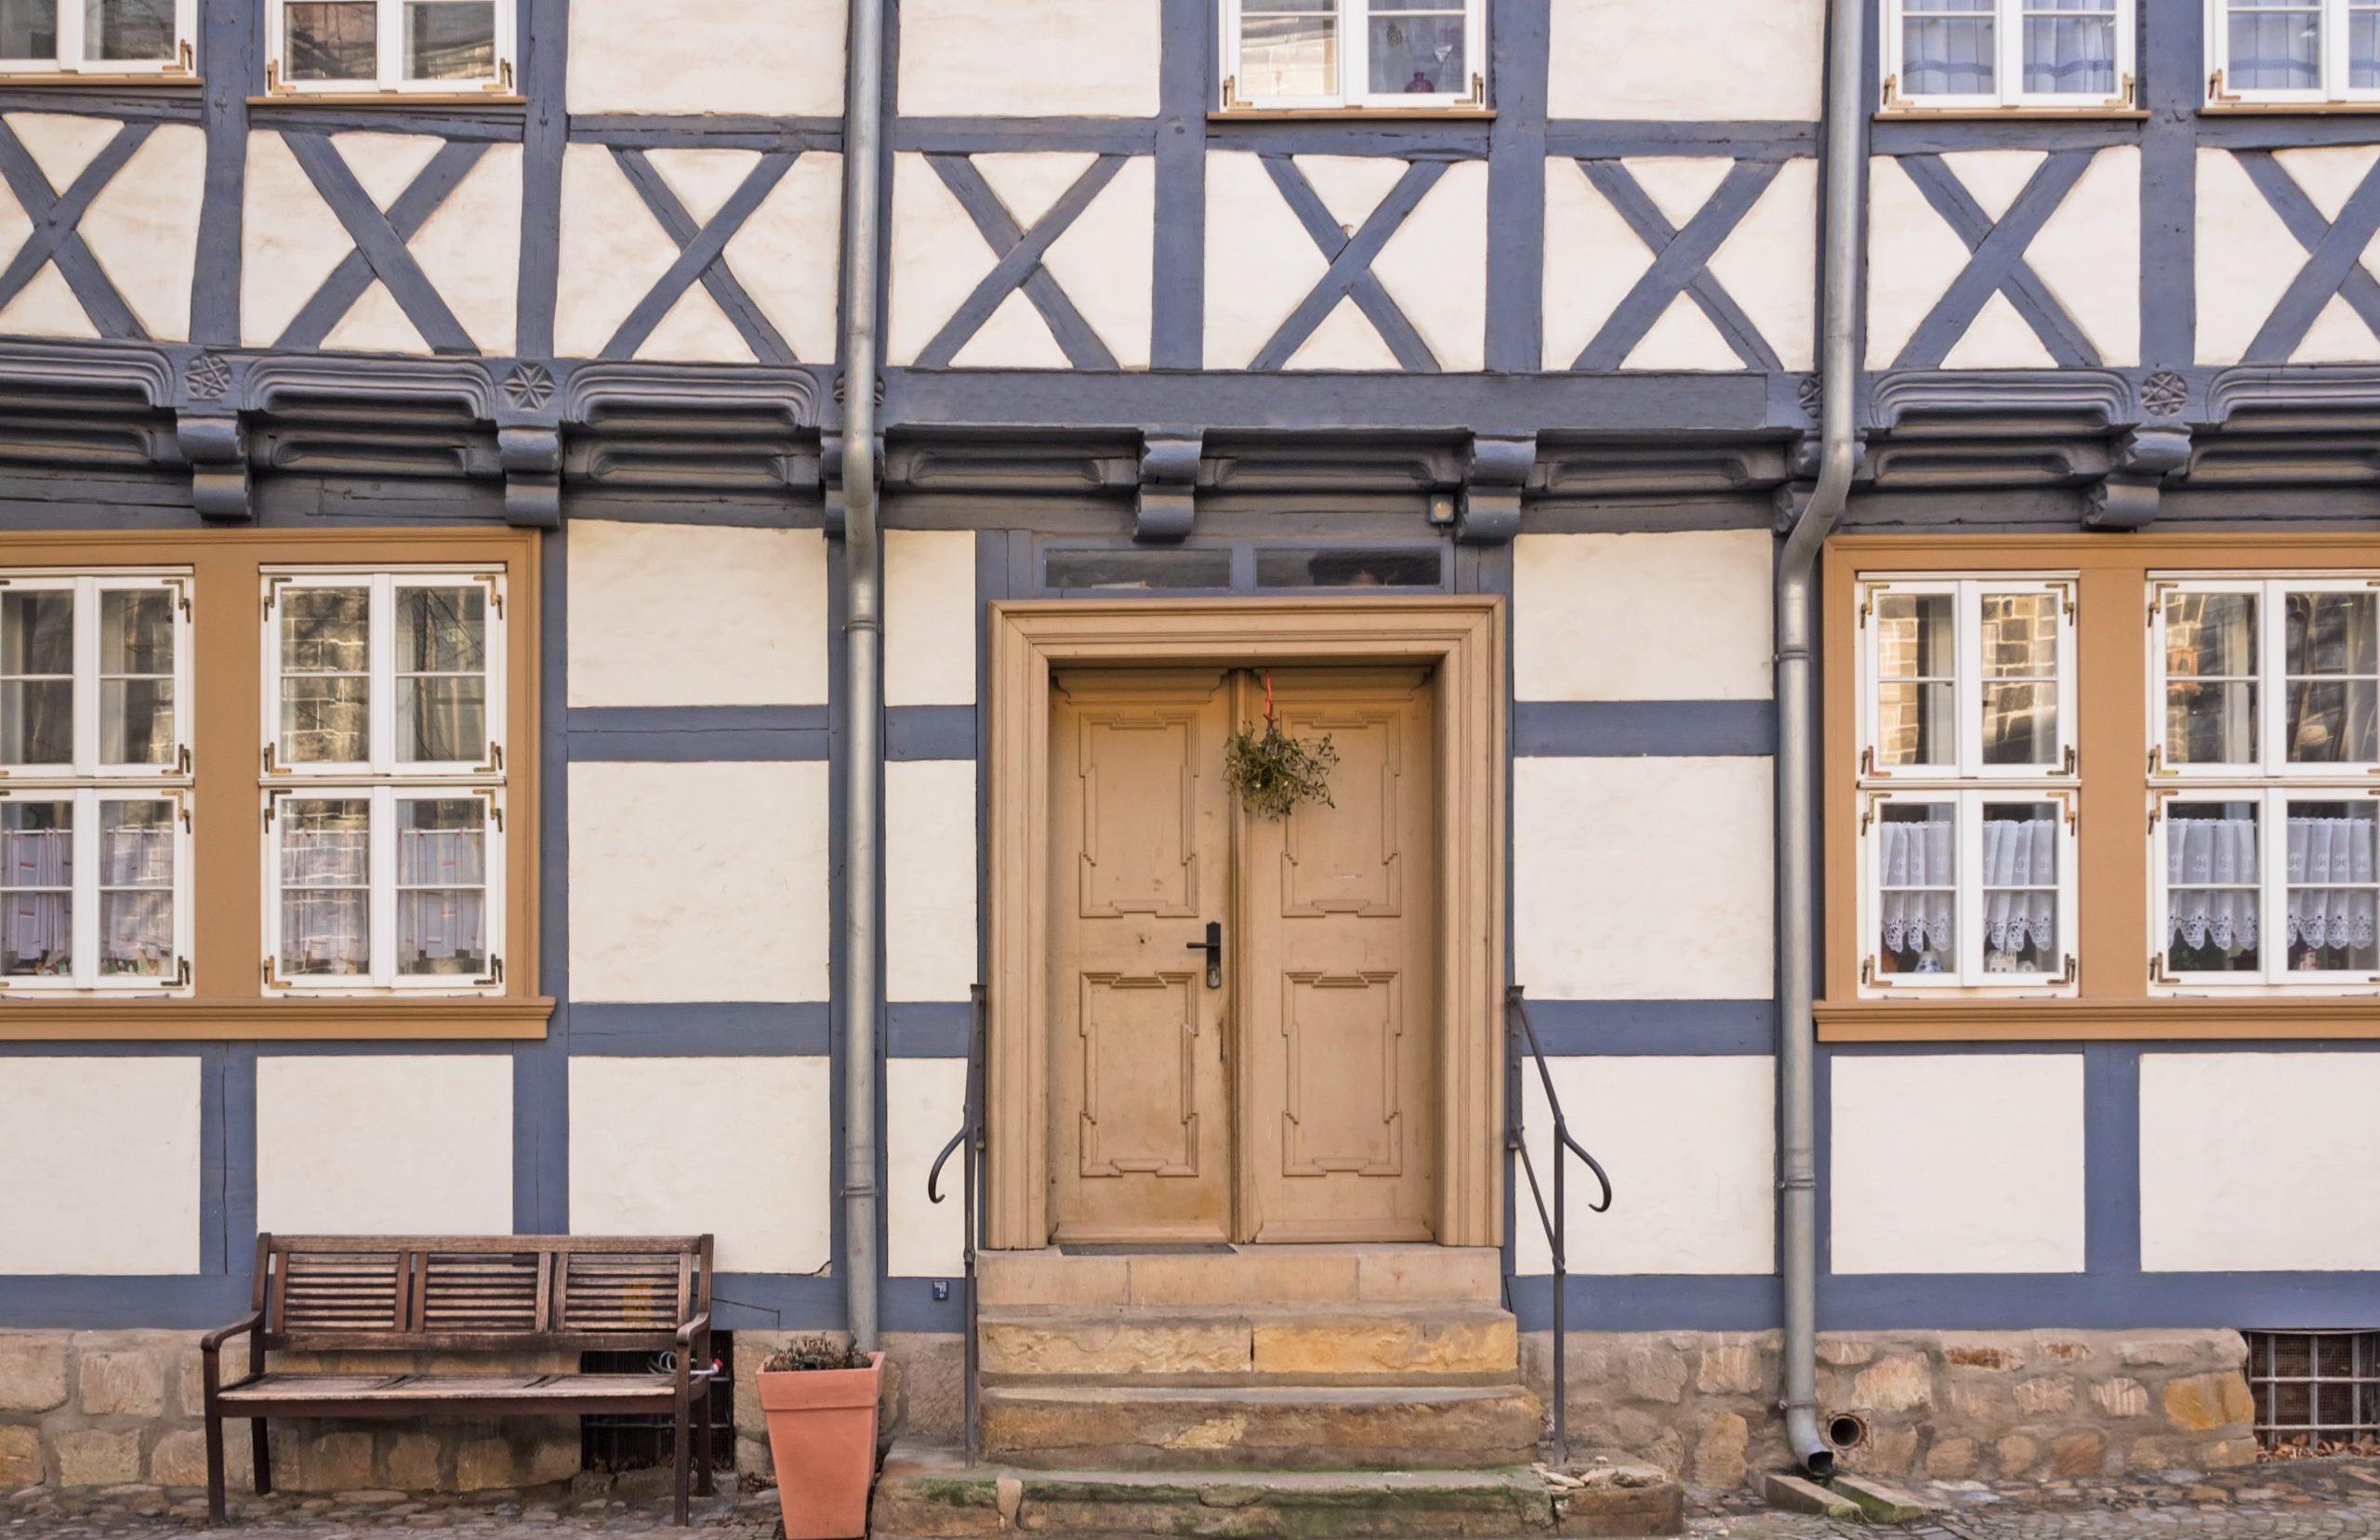 Denkmalgeschütztes Fachwerkhaus Frontansicht